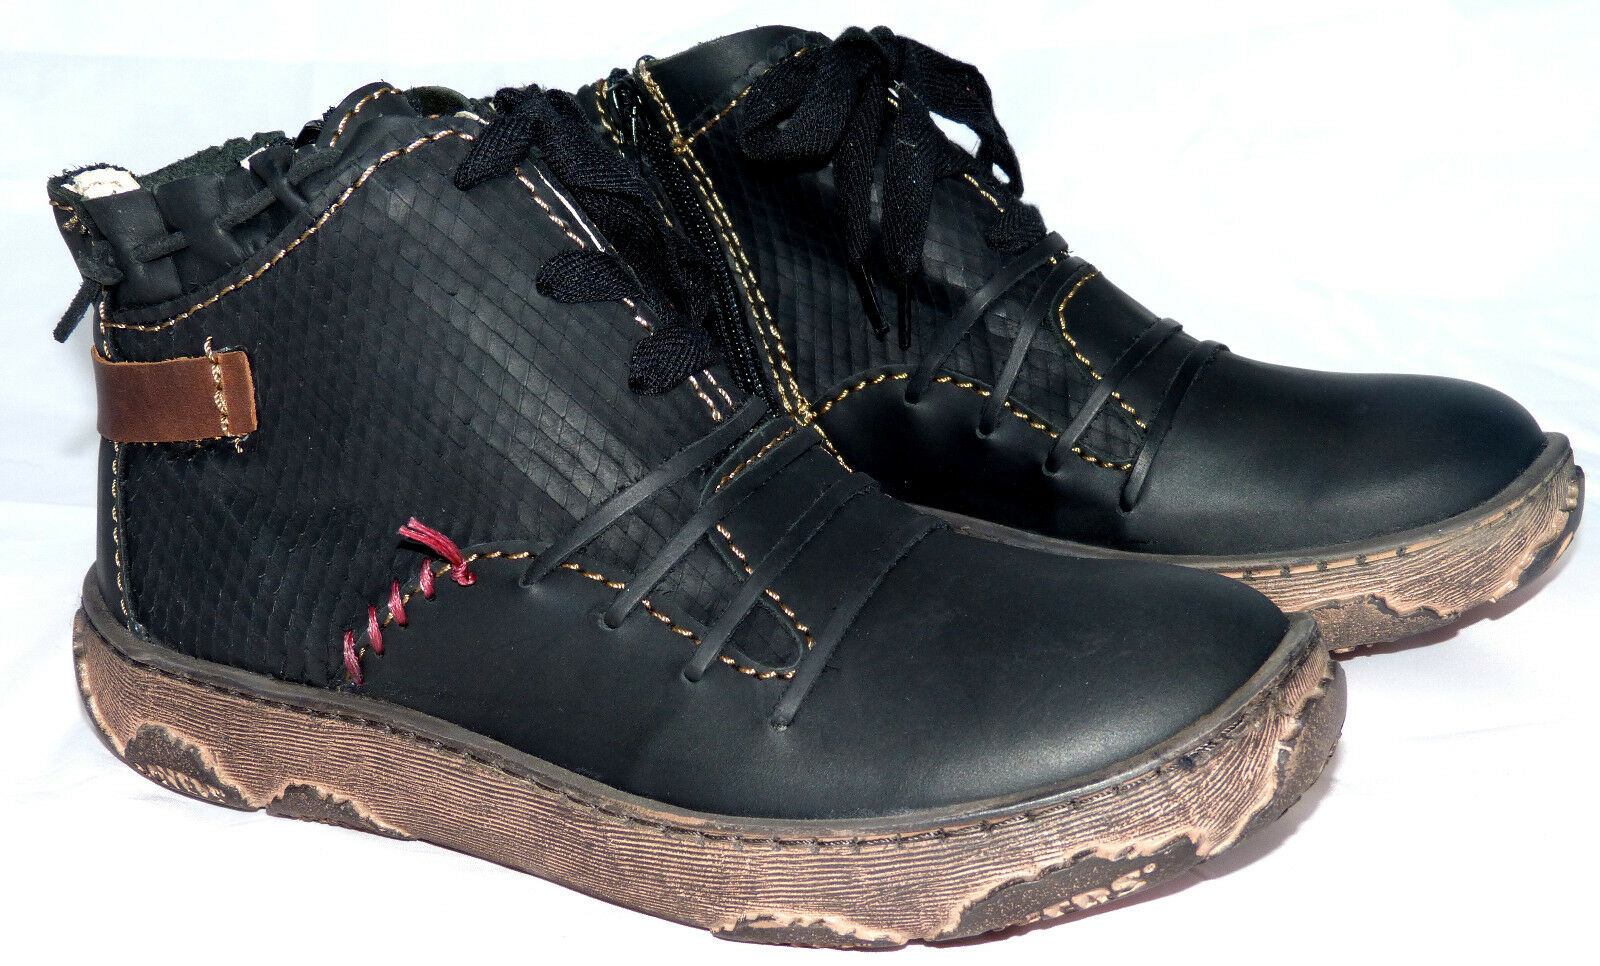 Rovers Damen Stiefelette Gr. 40 schwarz  Boots Leder neu ( bisher 184,90 Euro )